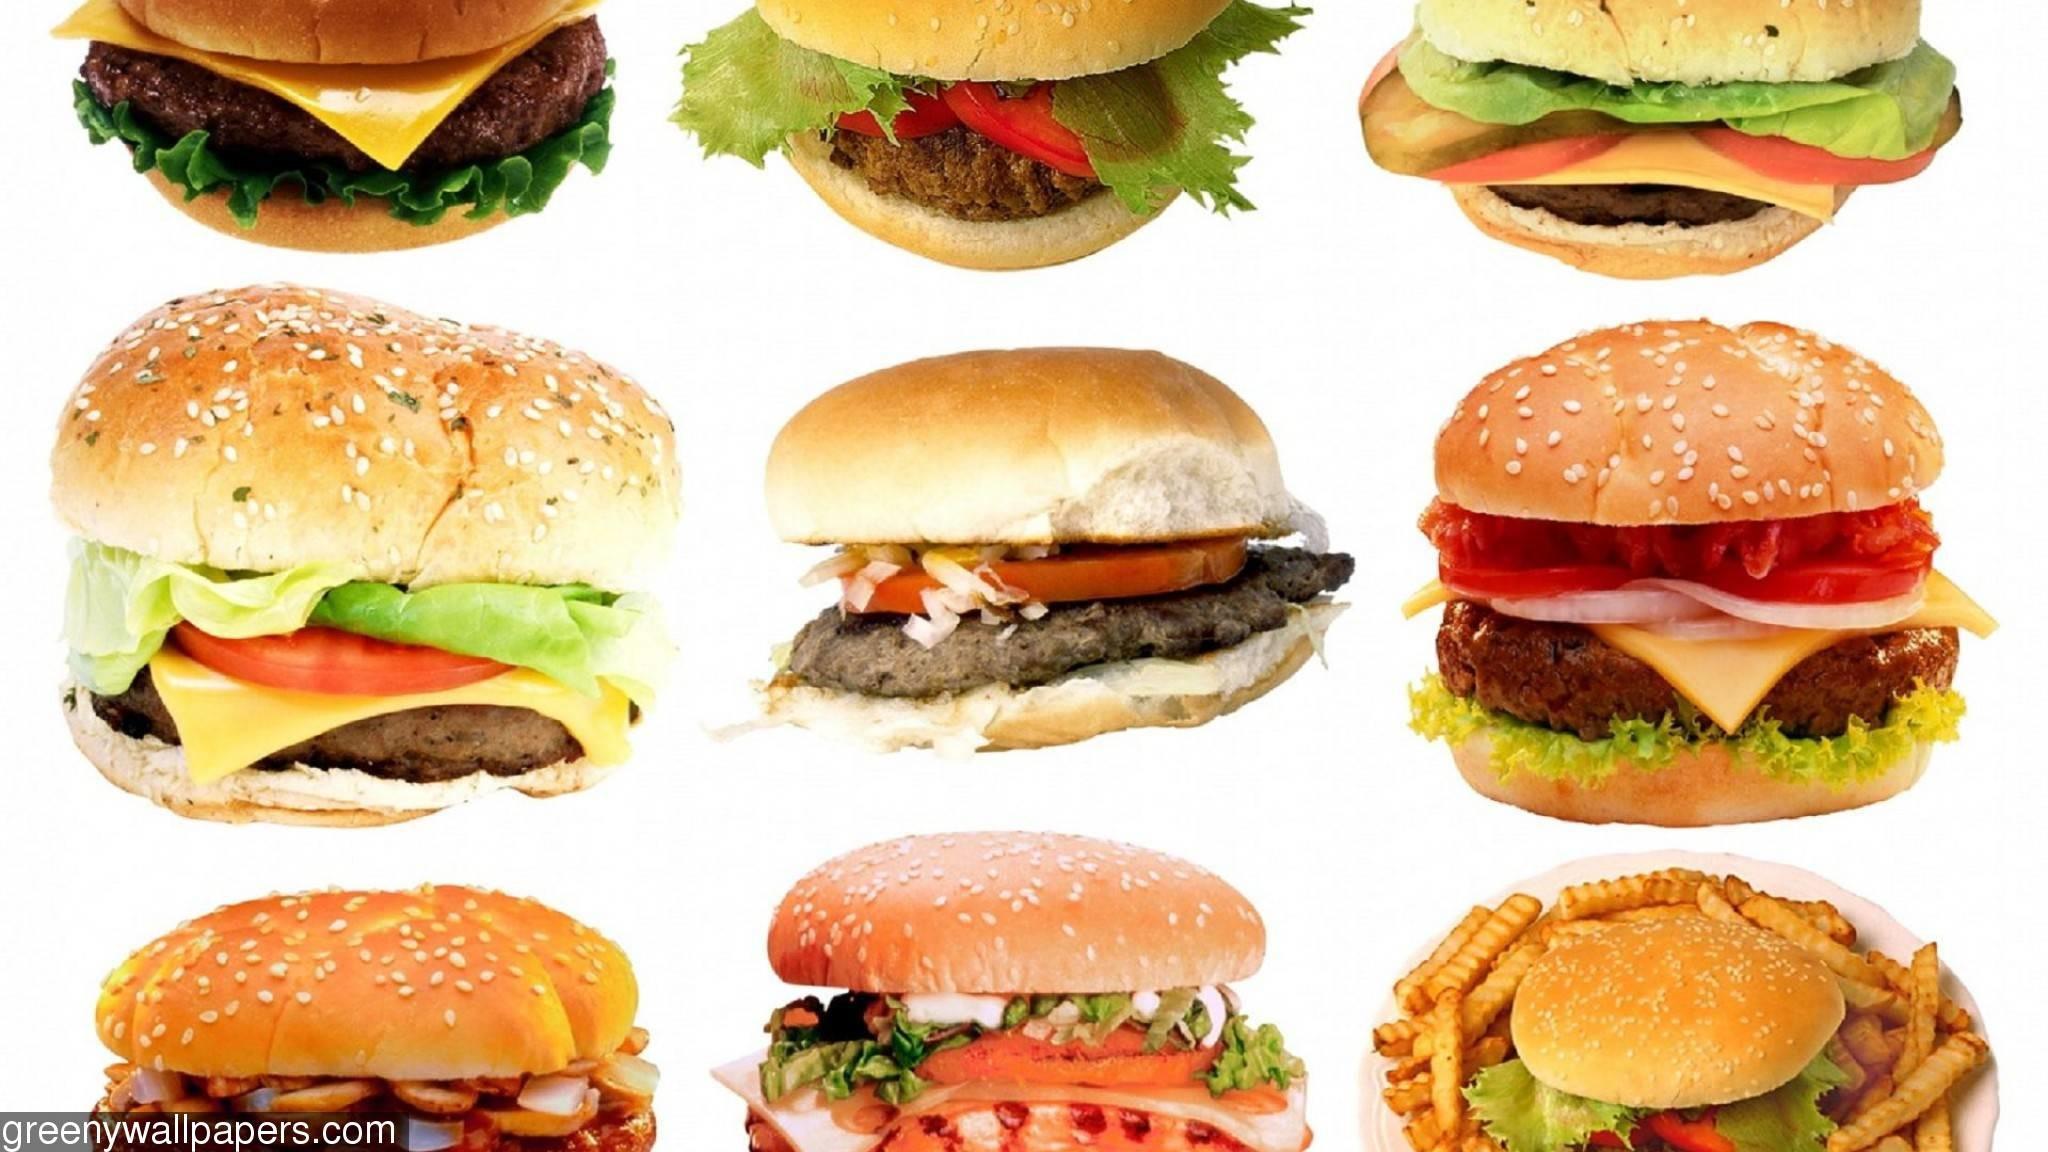 Hamburger Wallpapers, PC 43 Hamburger Images, T4.Themes .